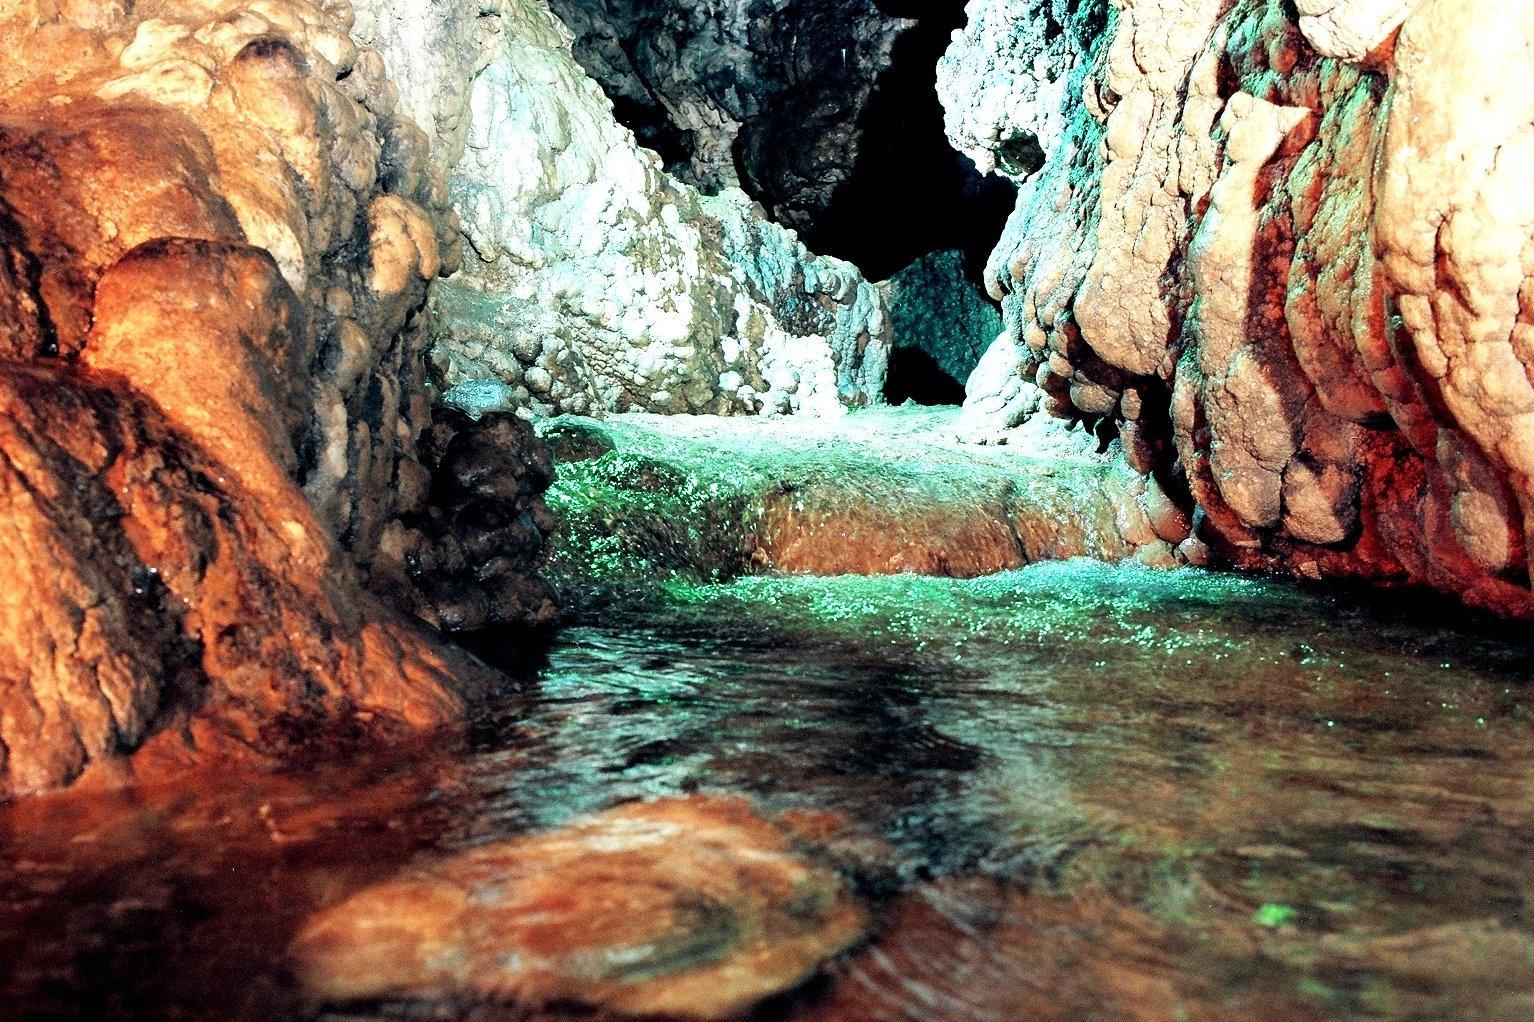 первую, дальнегорский район пещера лилия фото когда спелейший идеальнейший